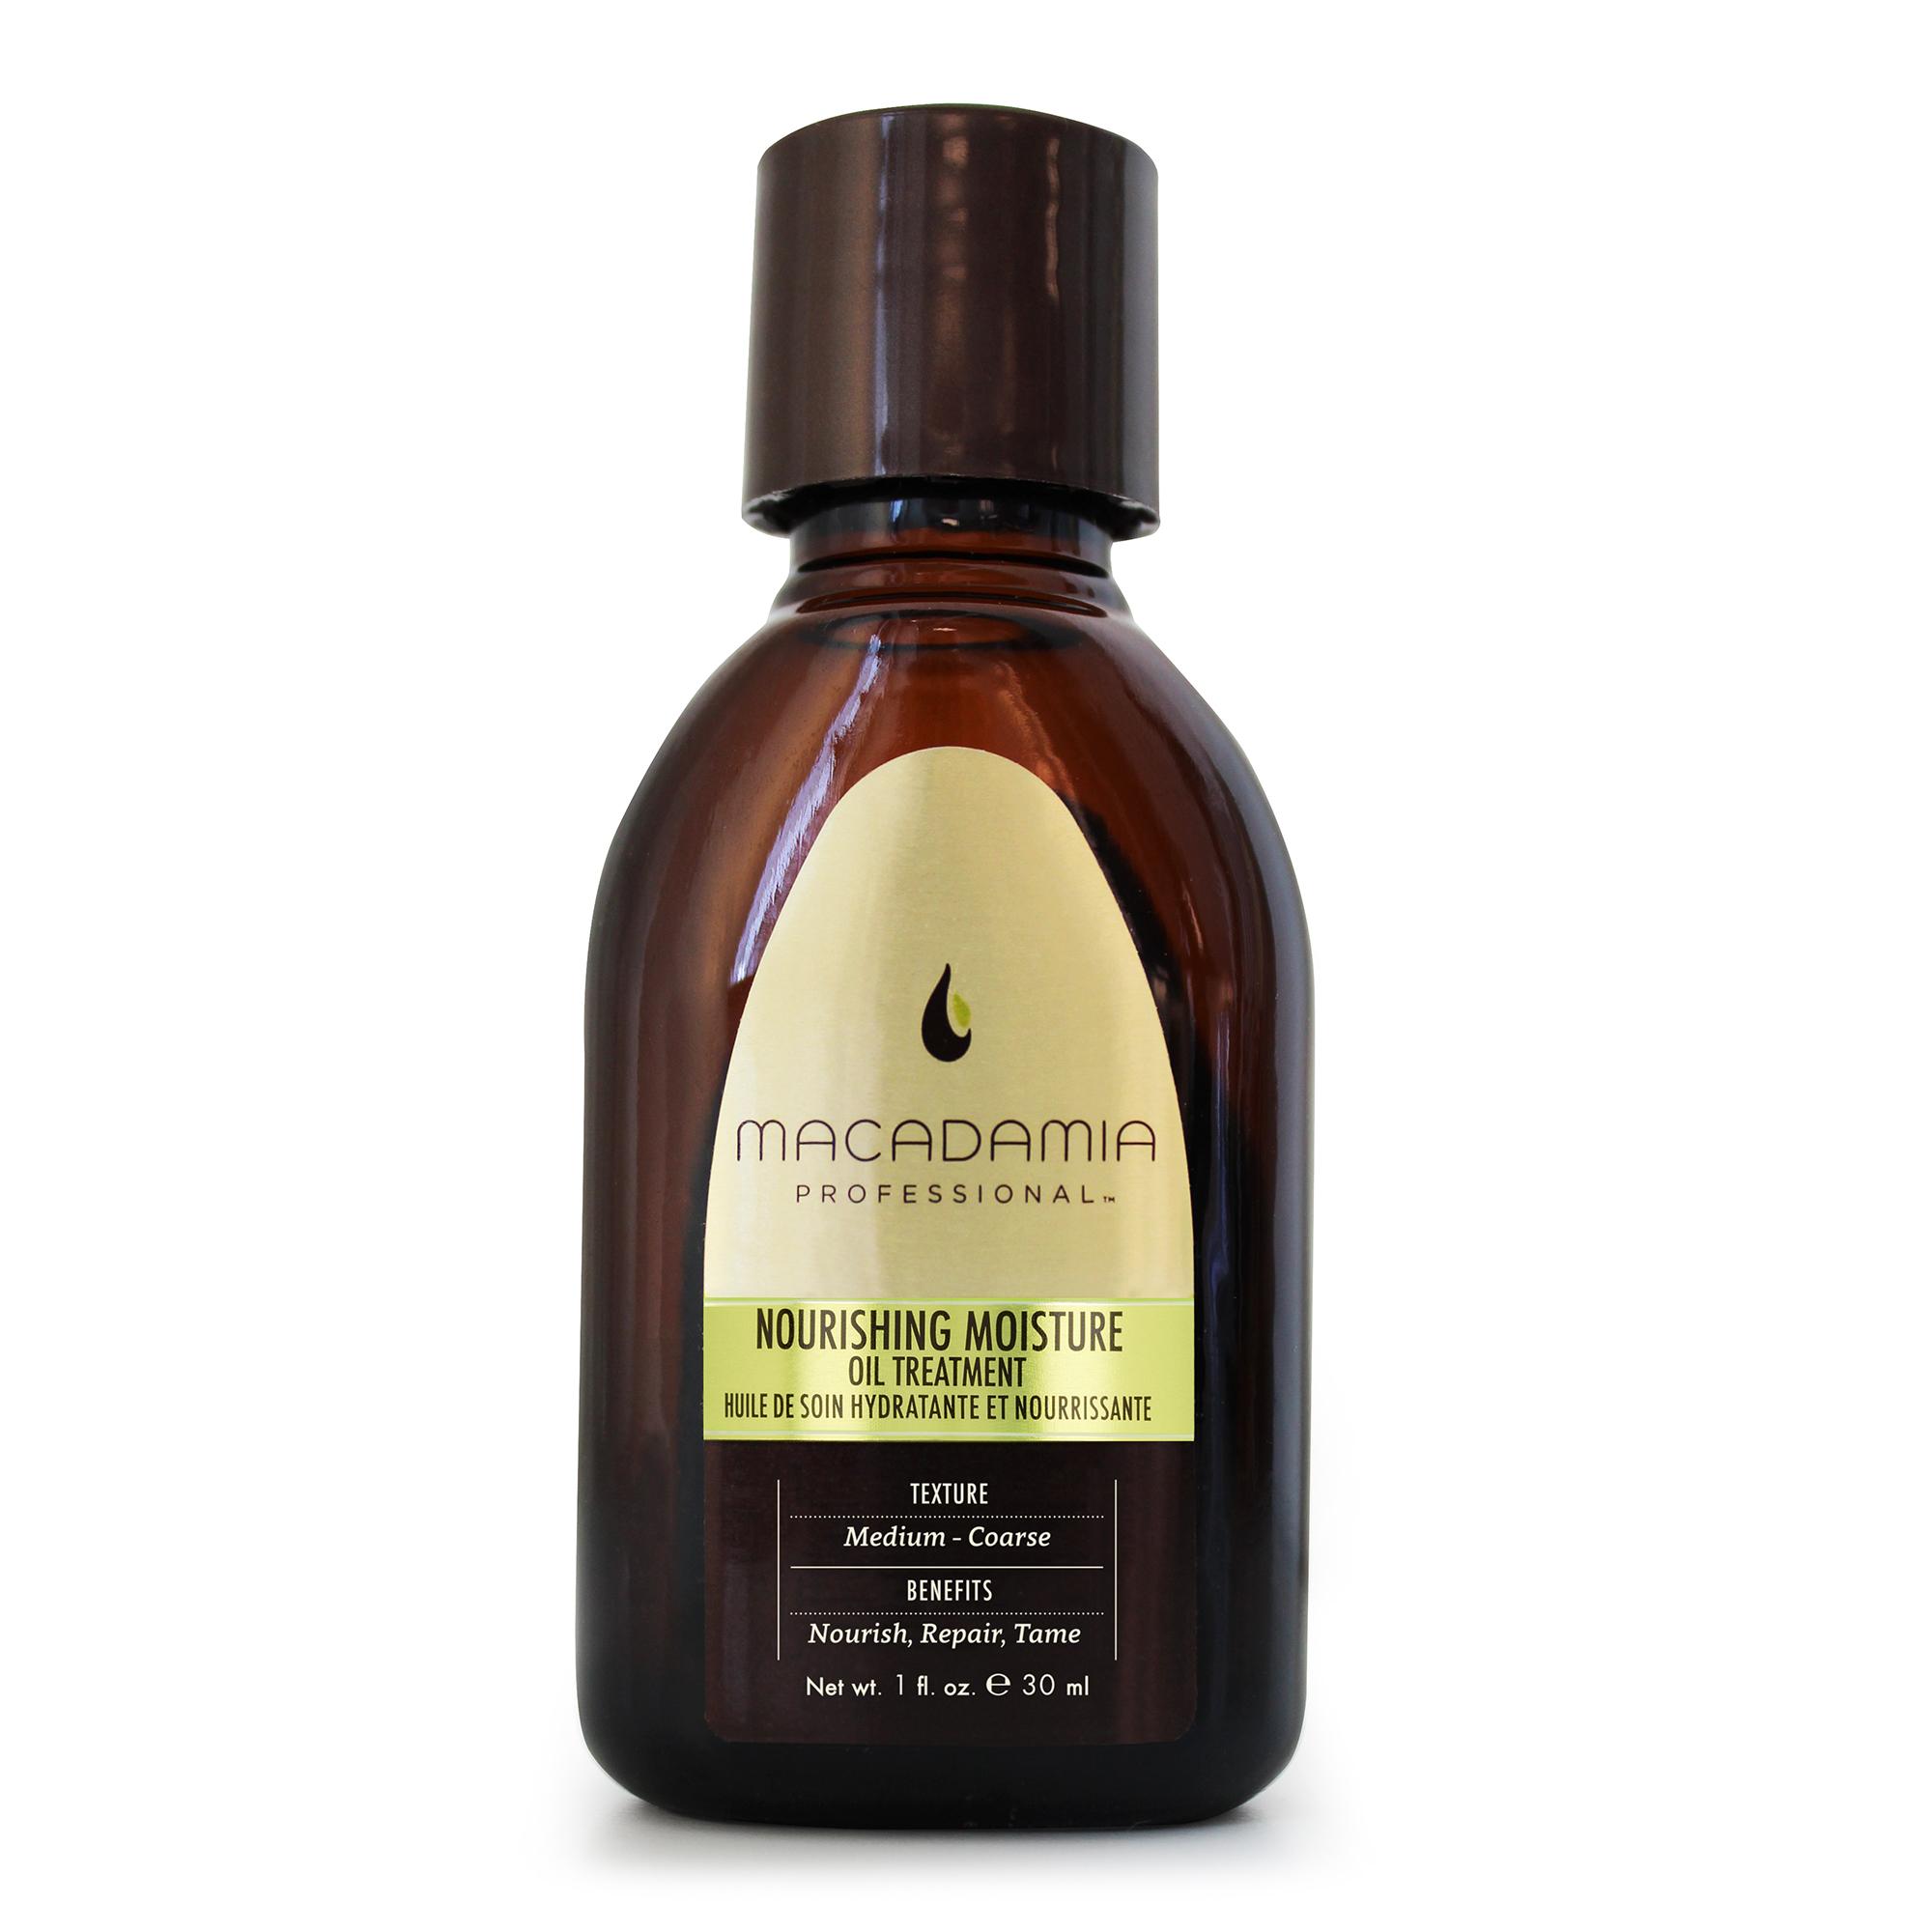 Macadamia Professional Уход восстанавливающий с маслом арганы и макадамии, 30 мл72523WDУход-масло Macadamia Professional с эксклюзивным комплексом Pro Oil Complex моментально проникает в структуру волос, не утяжеляя их. Увлажняет, придавая мягкость и блеск волосам, обеспечивает защиту.Витамин Е интенсивно питает, убирает эффект пушистости, оставляя волосы ультра гладкими, предотвращает спутывание. Применение масла сокращает время сушки феном и обеспечивает натуральную УФ - защиту. Предотвращает потерю интенсивности и насыщенности цвета окрашенных волос.